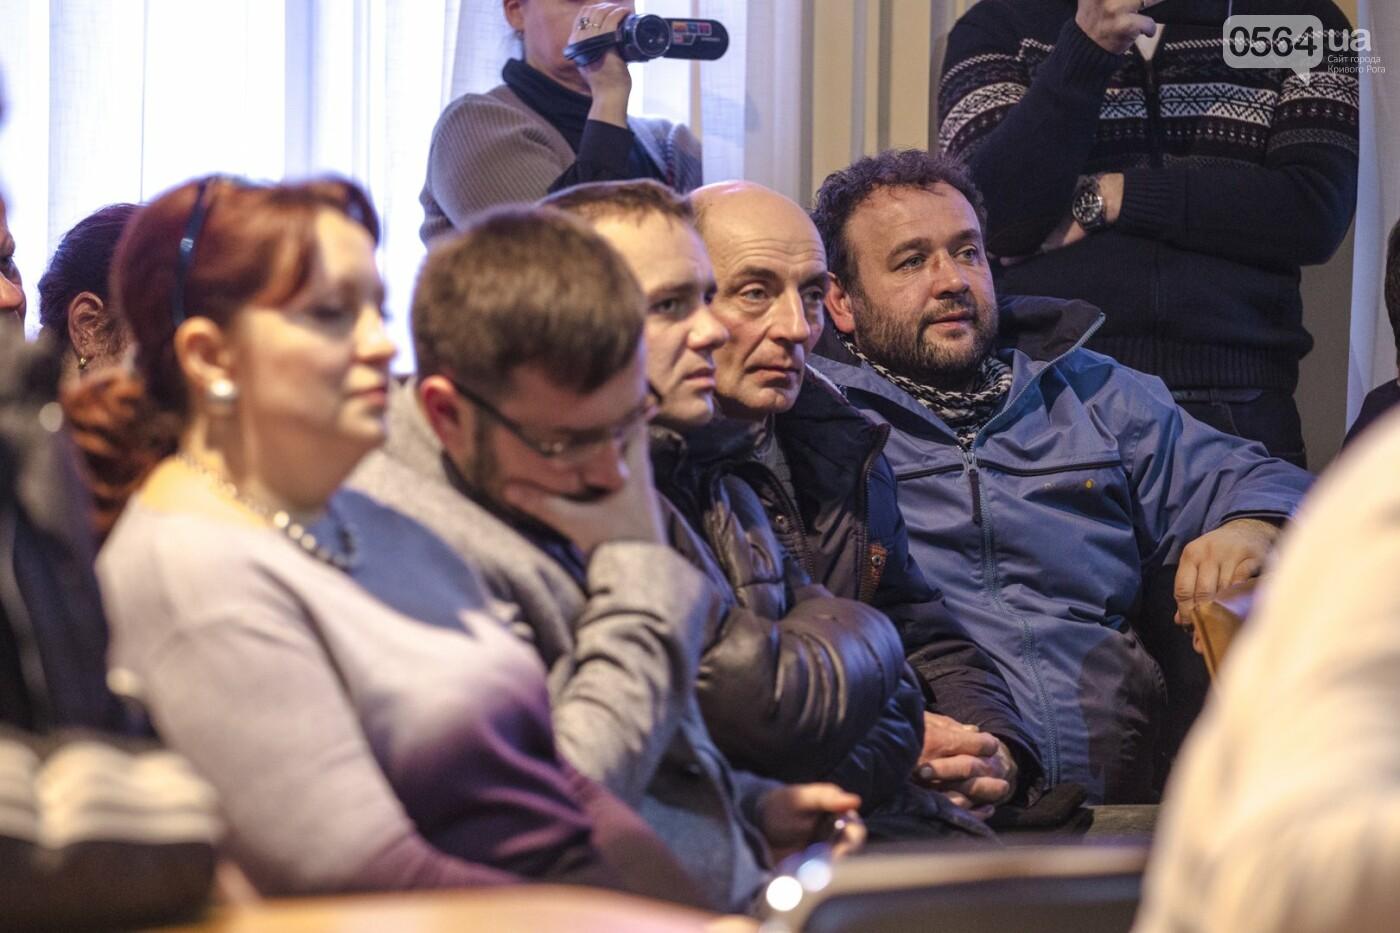 """Работники """"КривбассПВС"""" готовы бороться против рейдерского захвата стратегического госпредприятия (ФОТО, ВИДЕО), фото-17"""